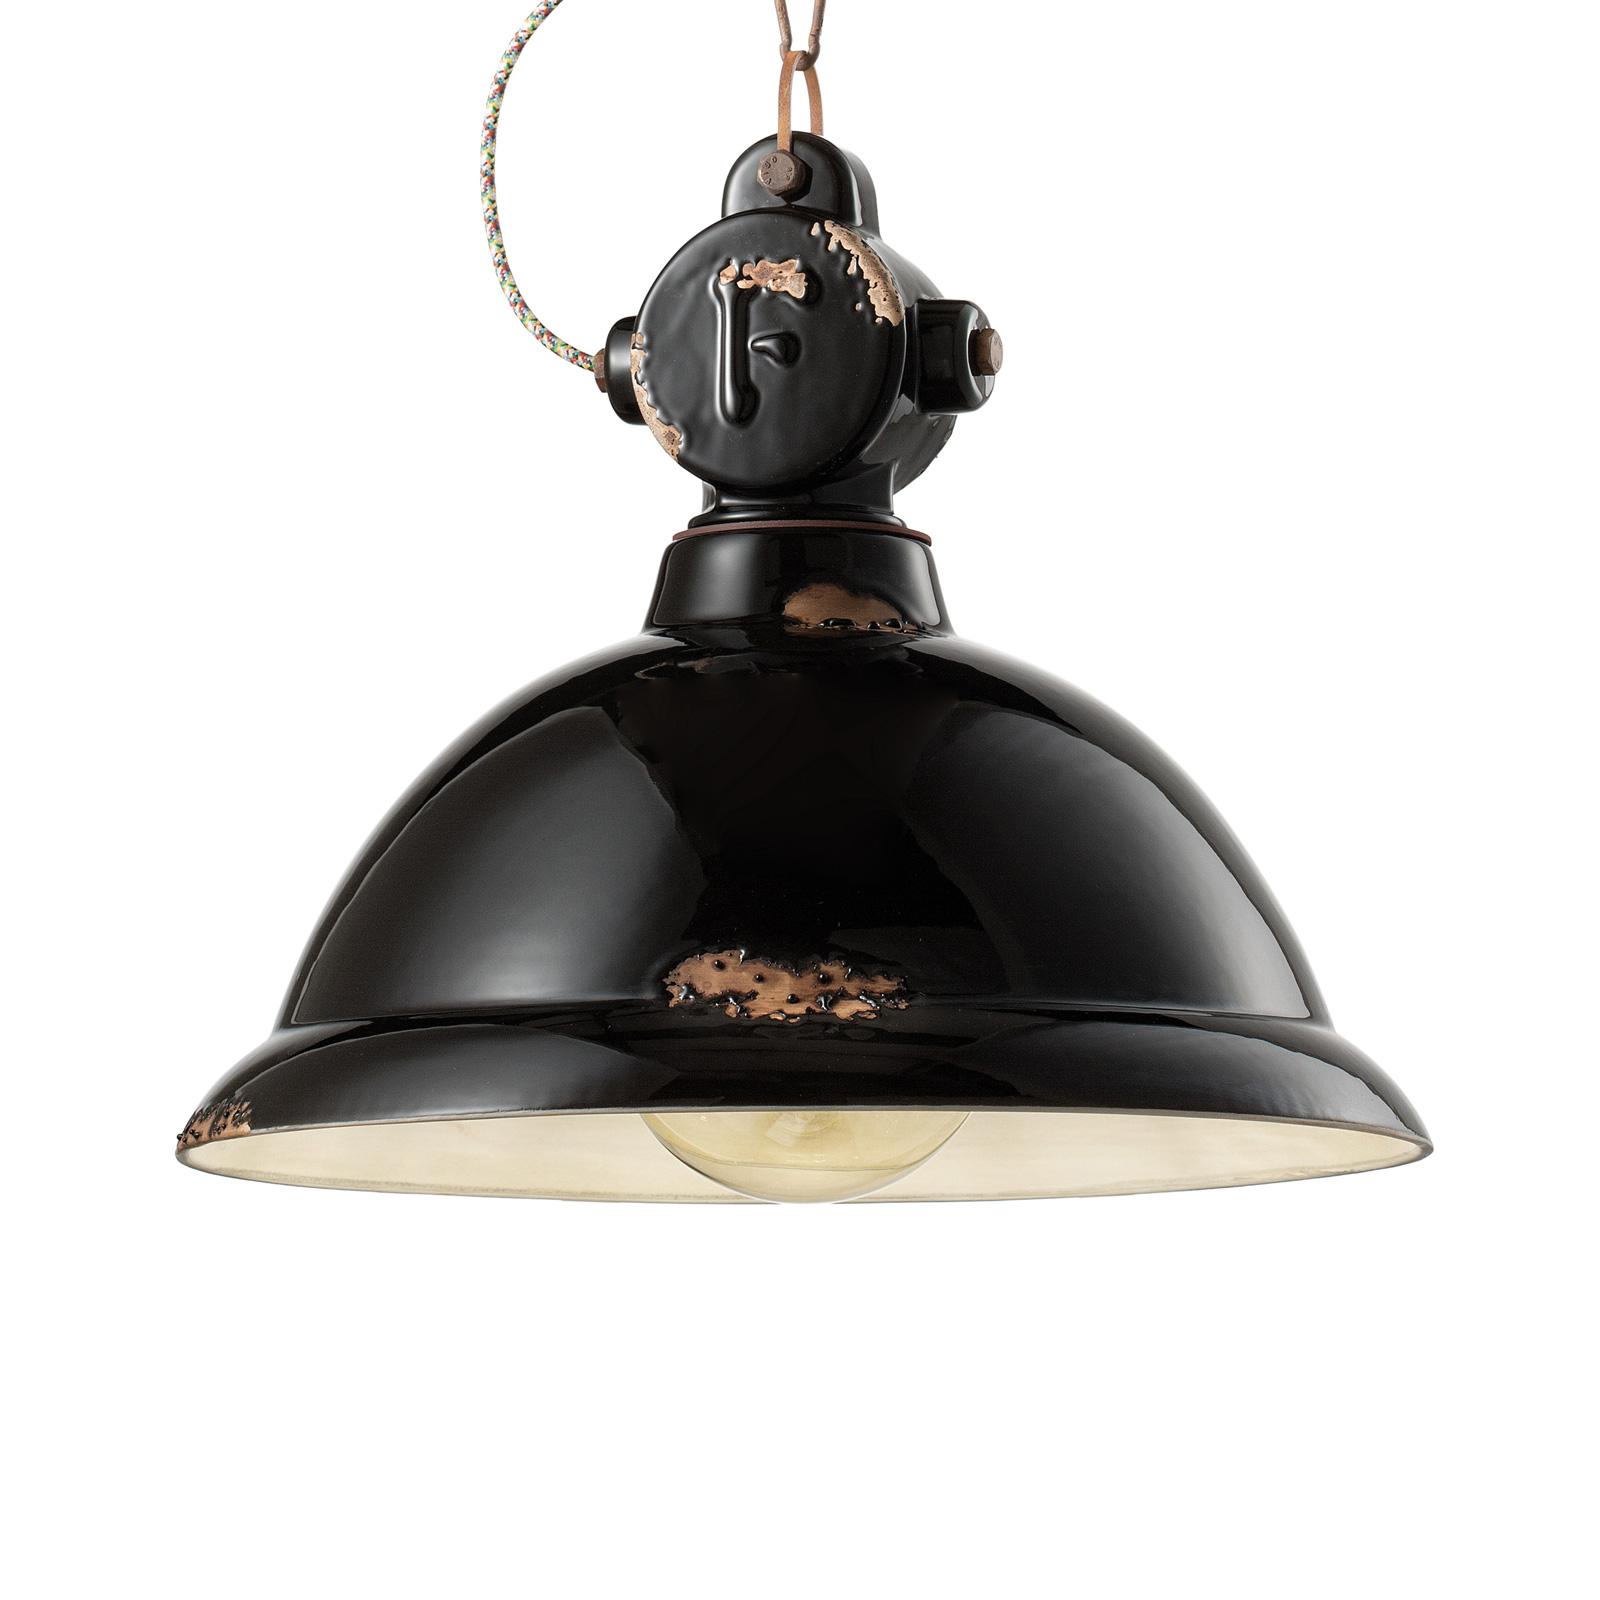 Lampa wisząca C1710 z ceramiki, czarna